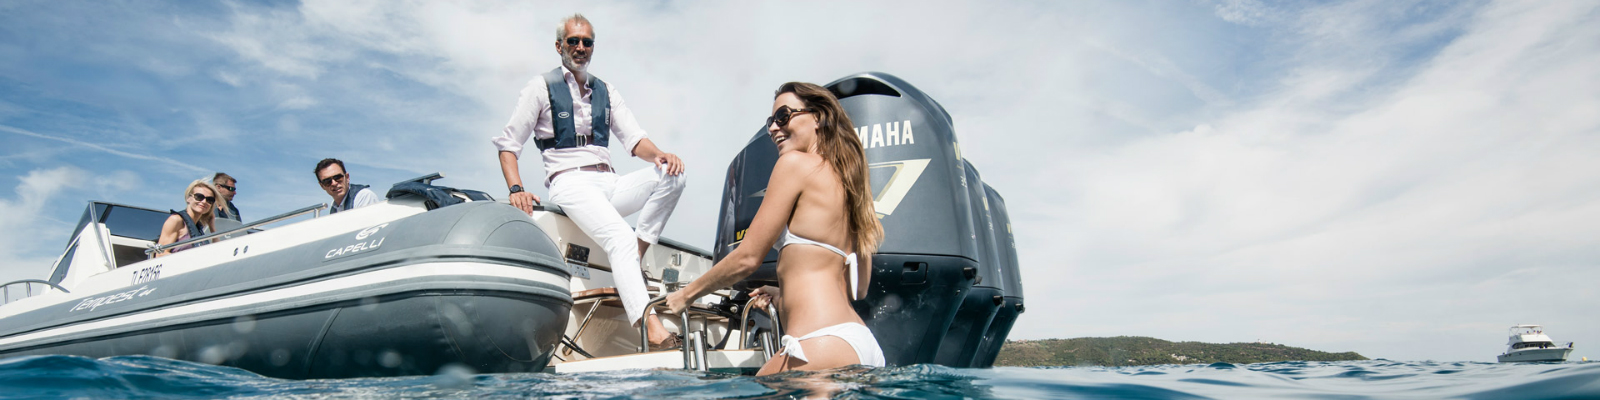 Ny båtmotor? - Se modeller og priser